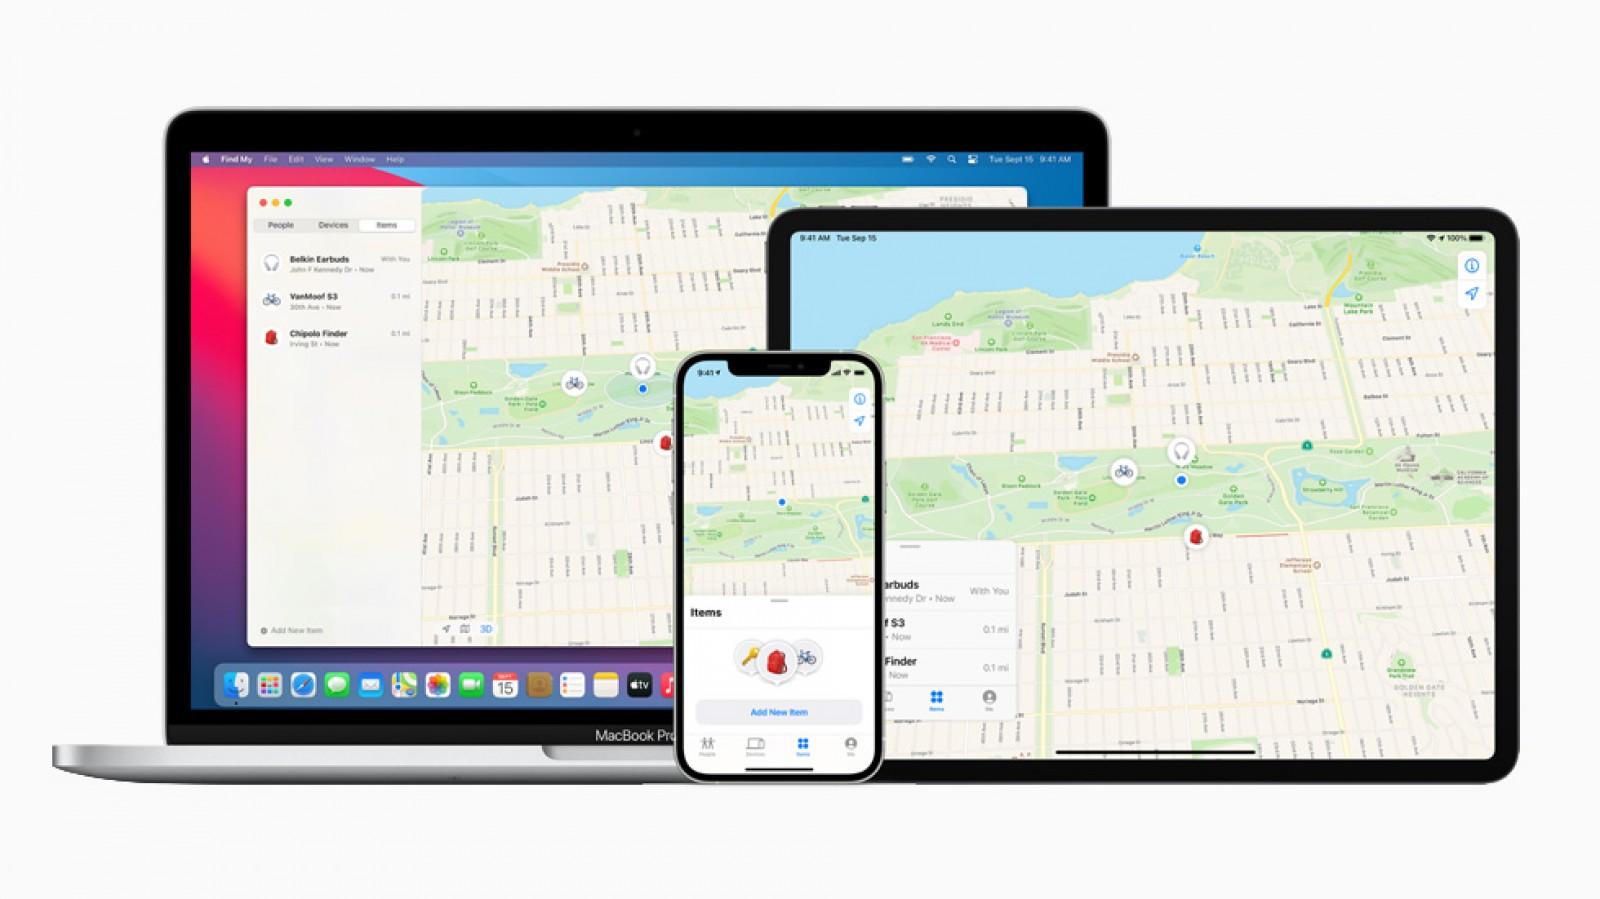 apple-servicio-localizacion-bicicletas/